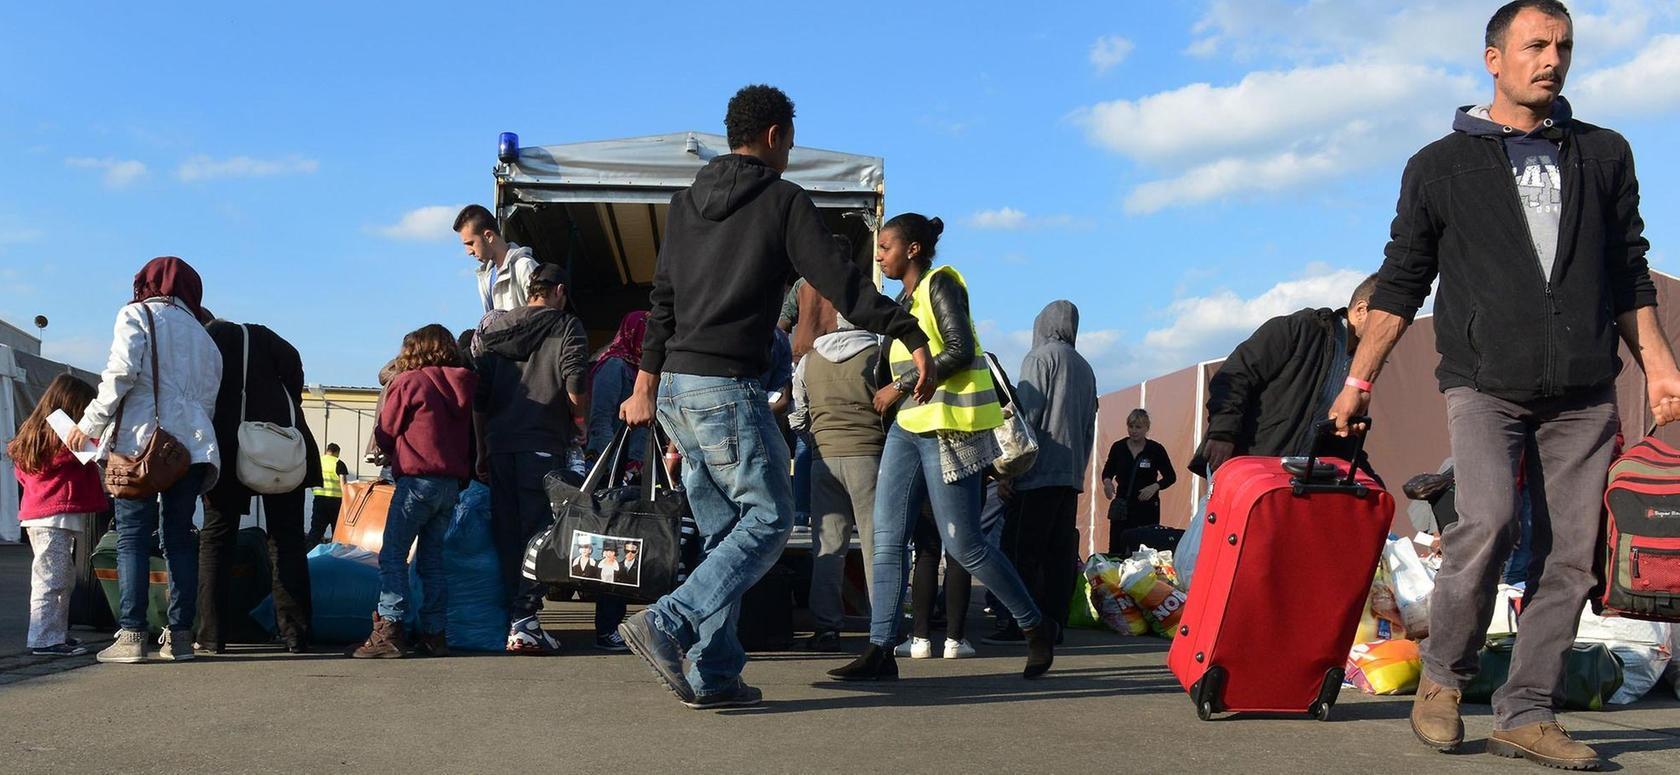 Im September zogen die ersten Flüchtlinge in das Zelt im Golfpark Atzenhof. Hier wie andernorts sieht die Polizei keine Probleme.